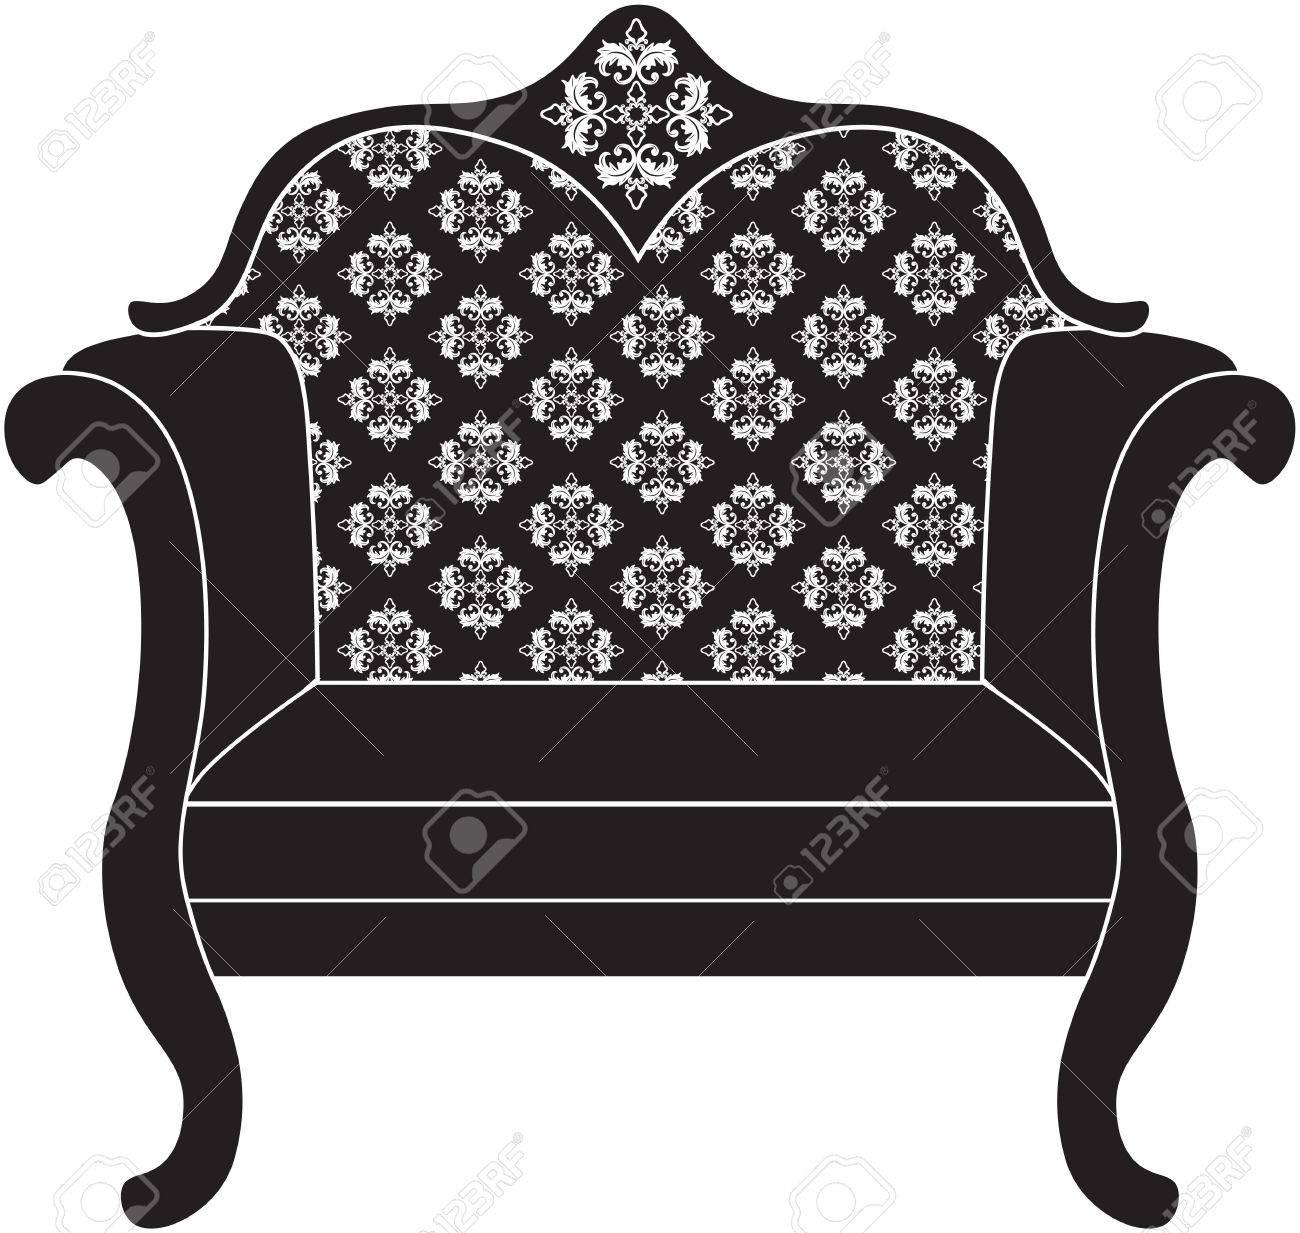 GroBartig Barock Luxus Stil Sessel Möbel. Thron Mit Luxuriösen Reichen Verzierungen.  Französisch Luxus Reich